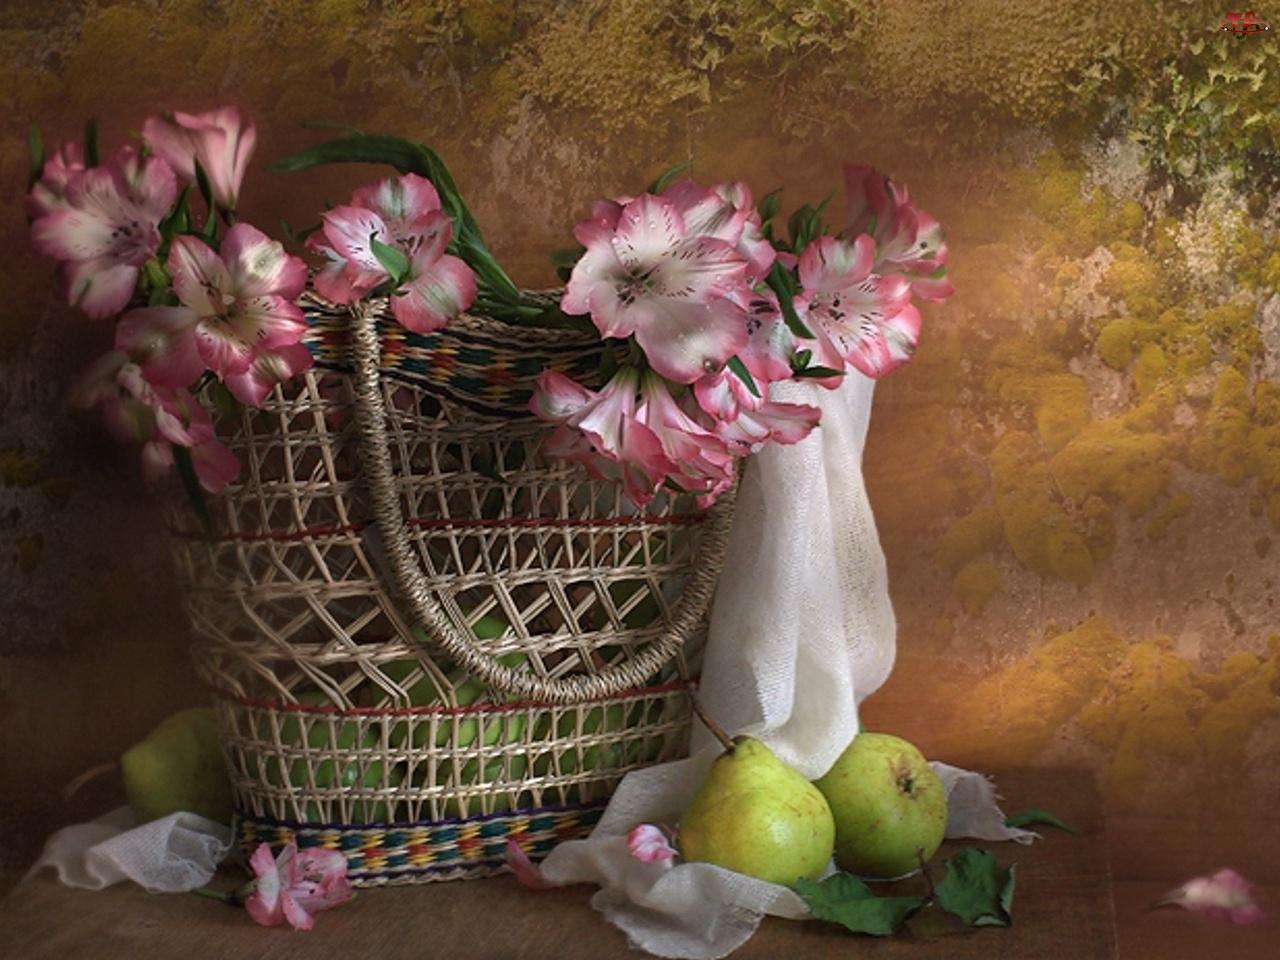 Gruszki, Bukiet, Kwiatów, Różowych, Kosz